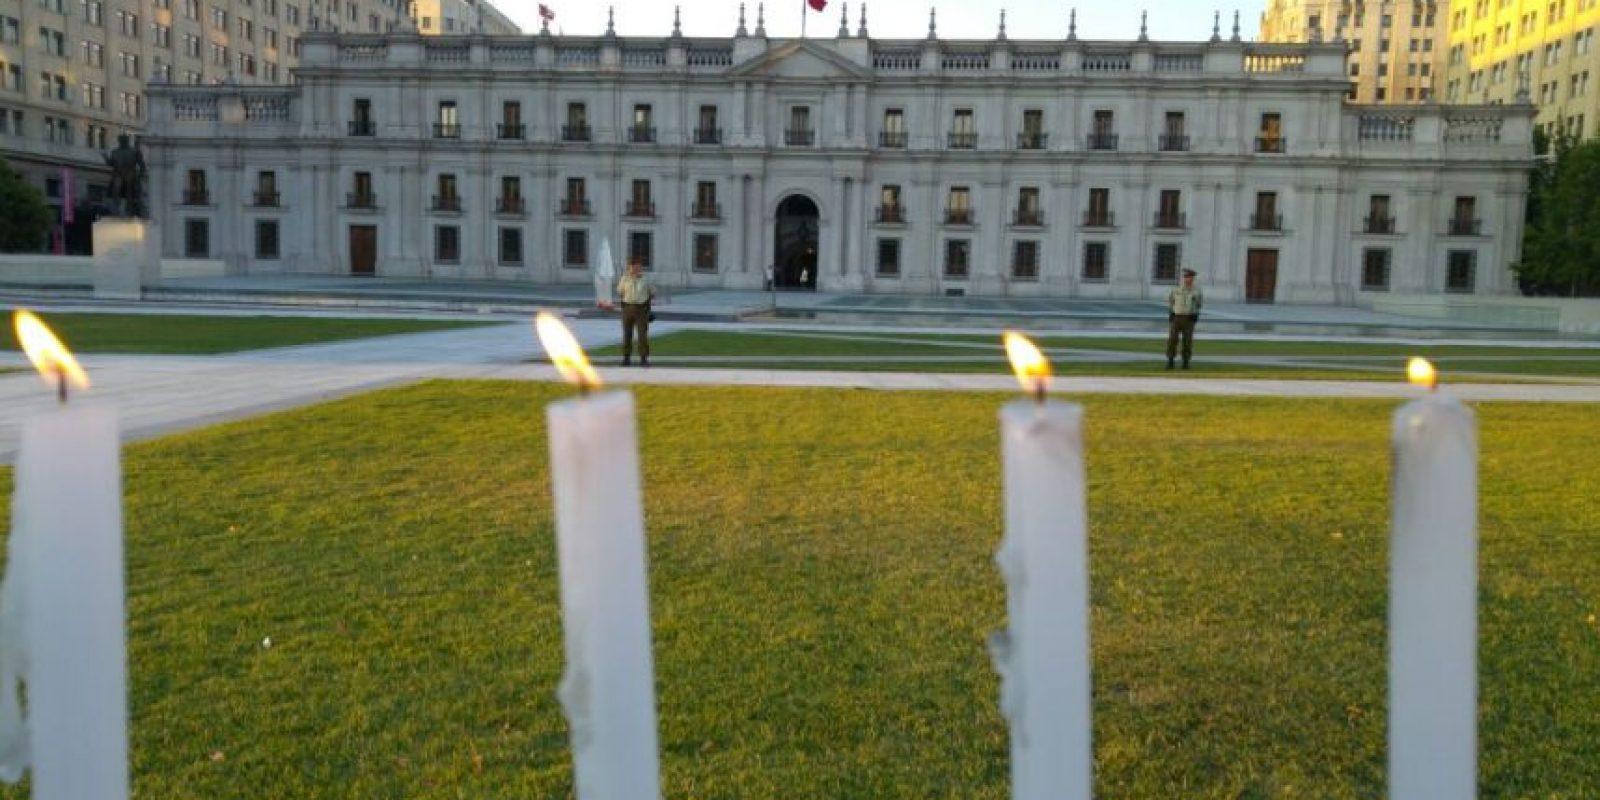 Para recordar a los niños fallecidos en Sename, los jóvenes instalaron velas frente a La Moneda Foto:Ignacio Guzmán. Imagen Por: